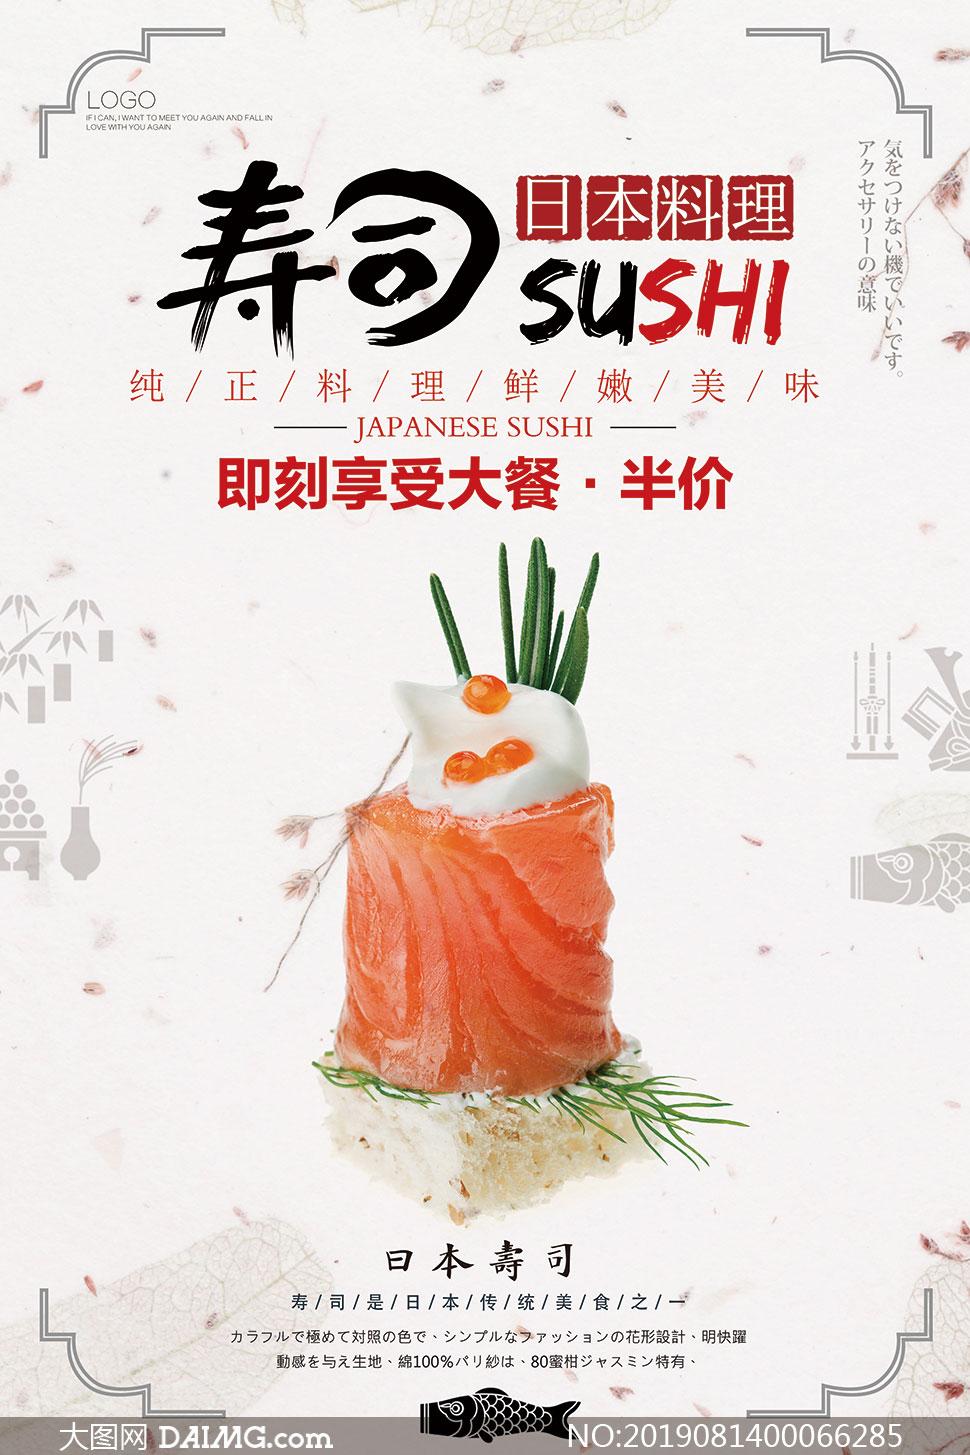 日本料理美食宣传海报设计PSD素材